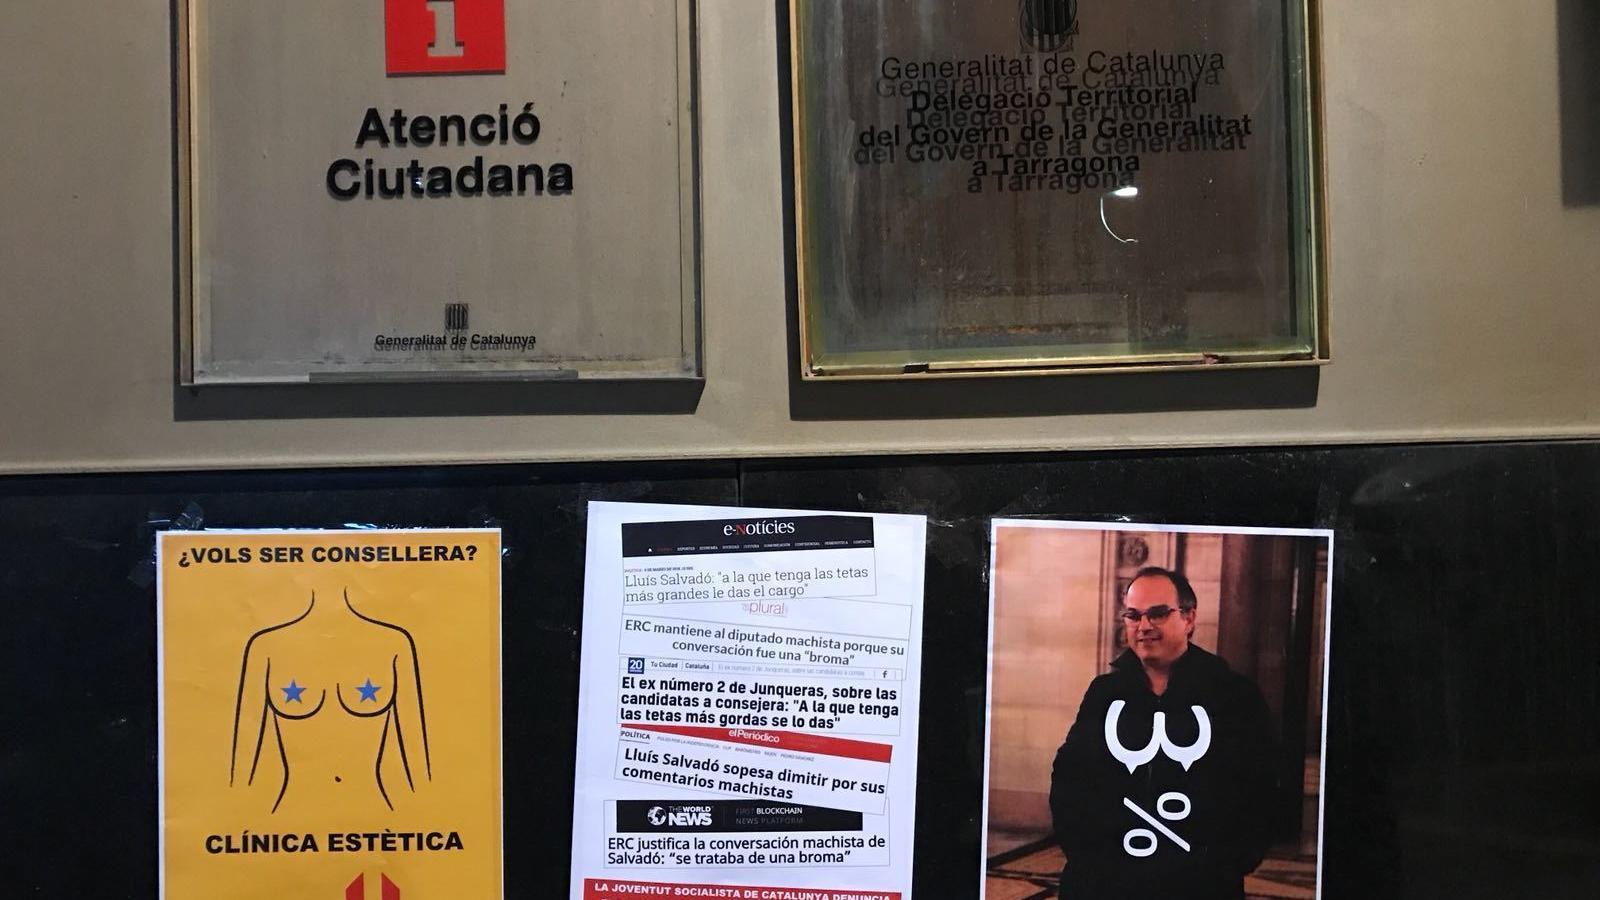 Cartells de la JSC a la Delegació Territorial del Govern a Tarragona